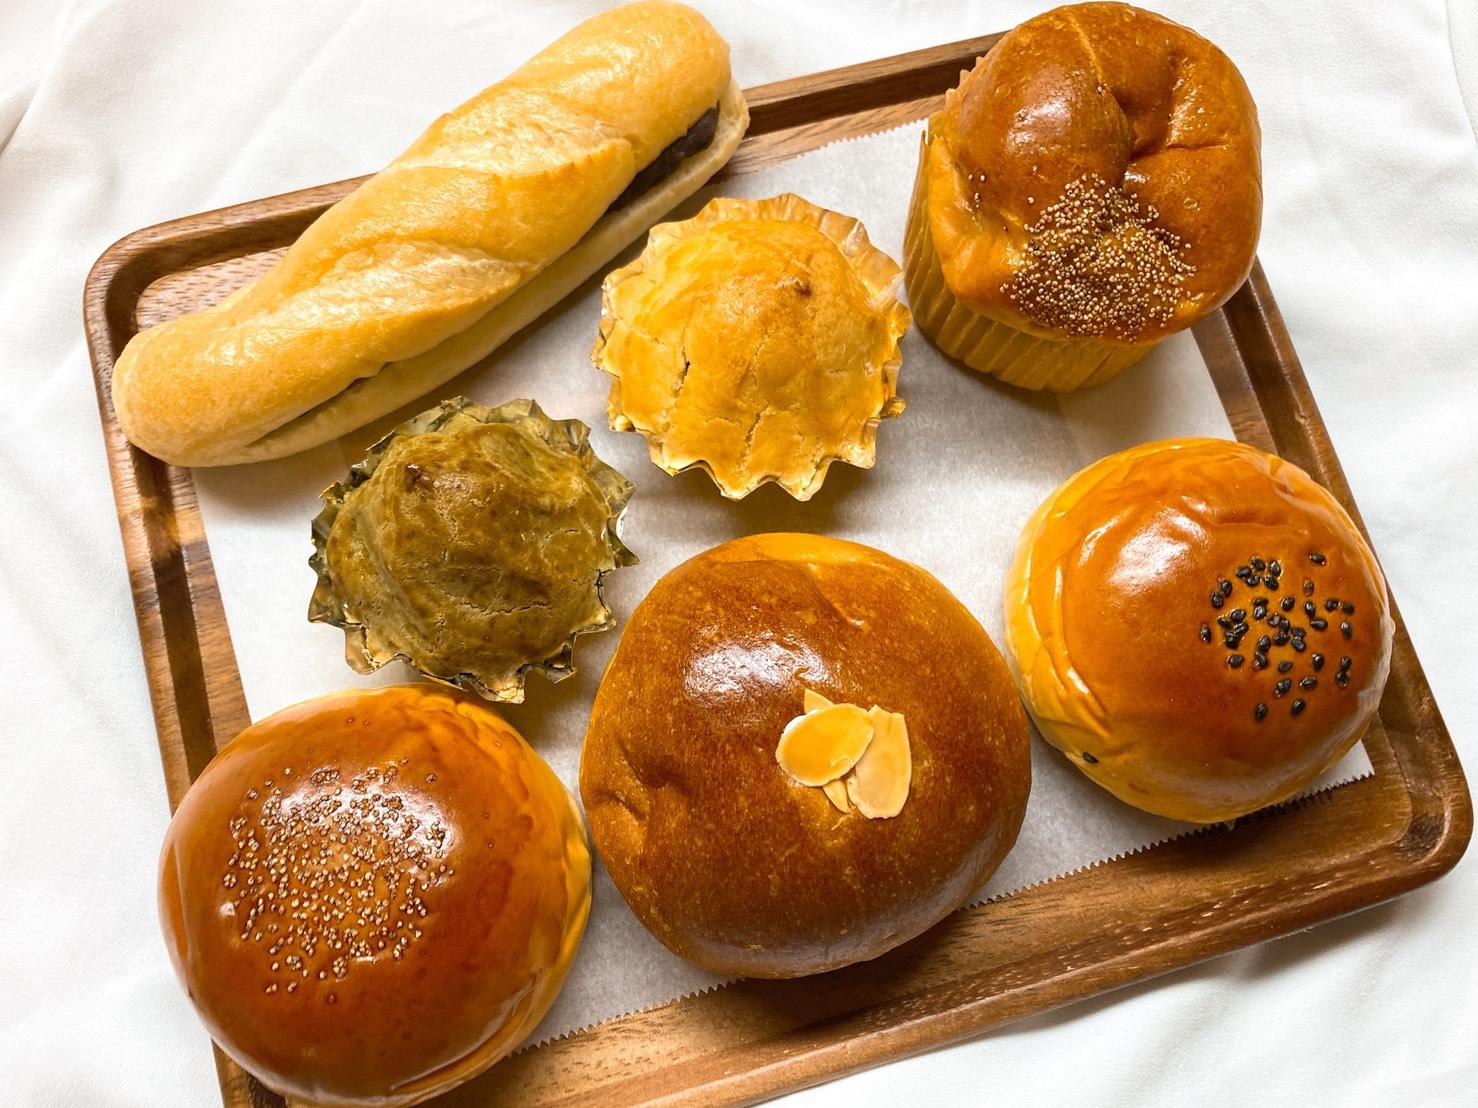 名駅|お手ごろ価格で心温まる味を。名古屋駅に来たらぜひ立ち寄ってほしいあんぱんや